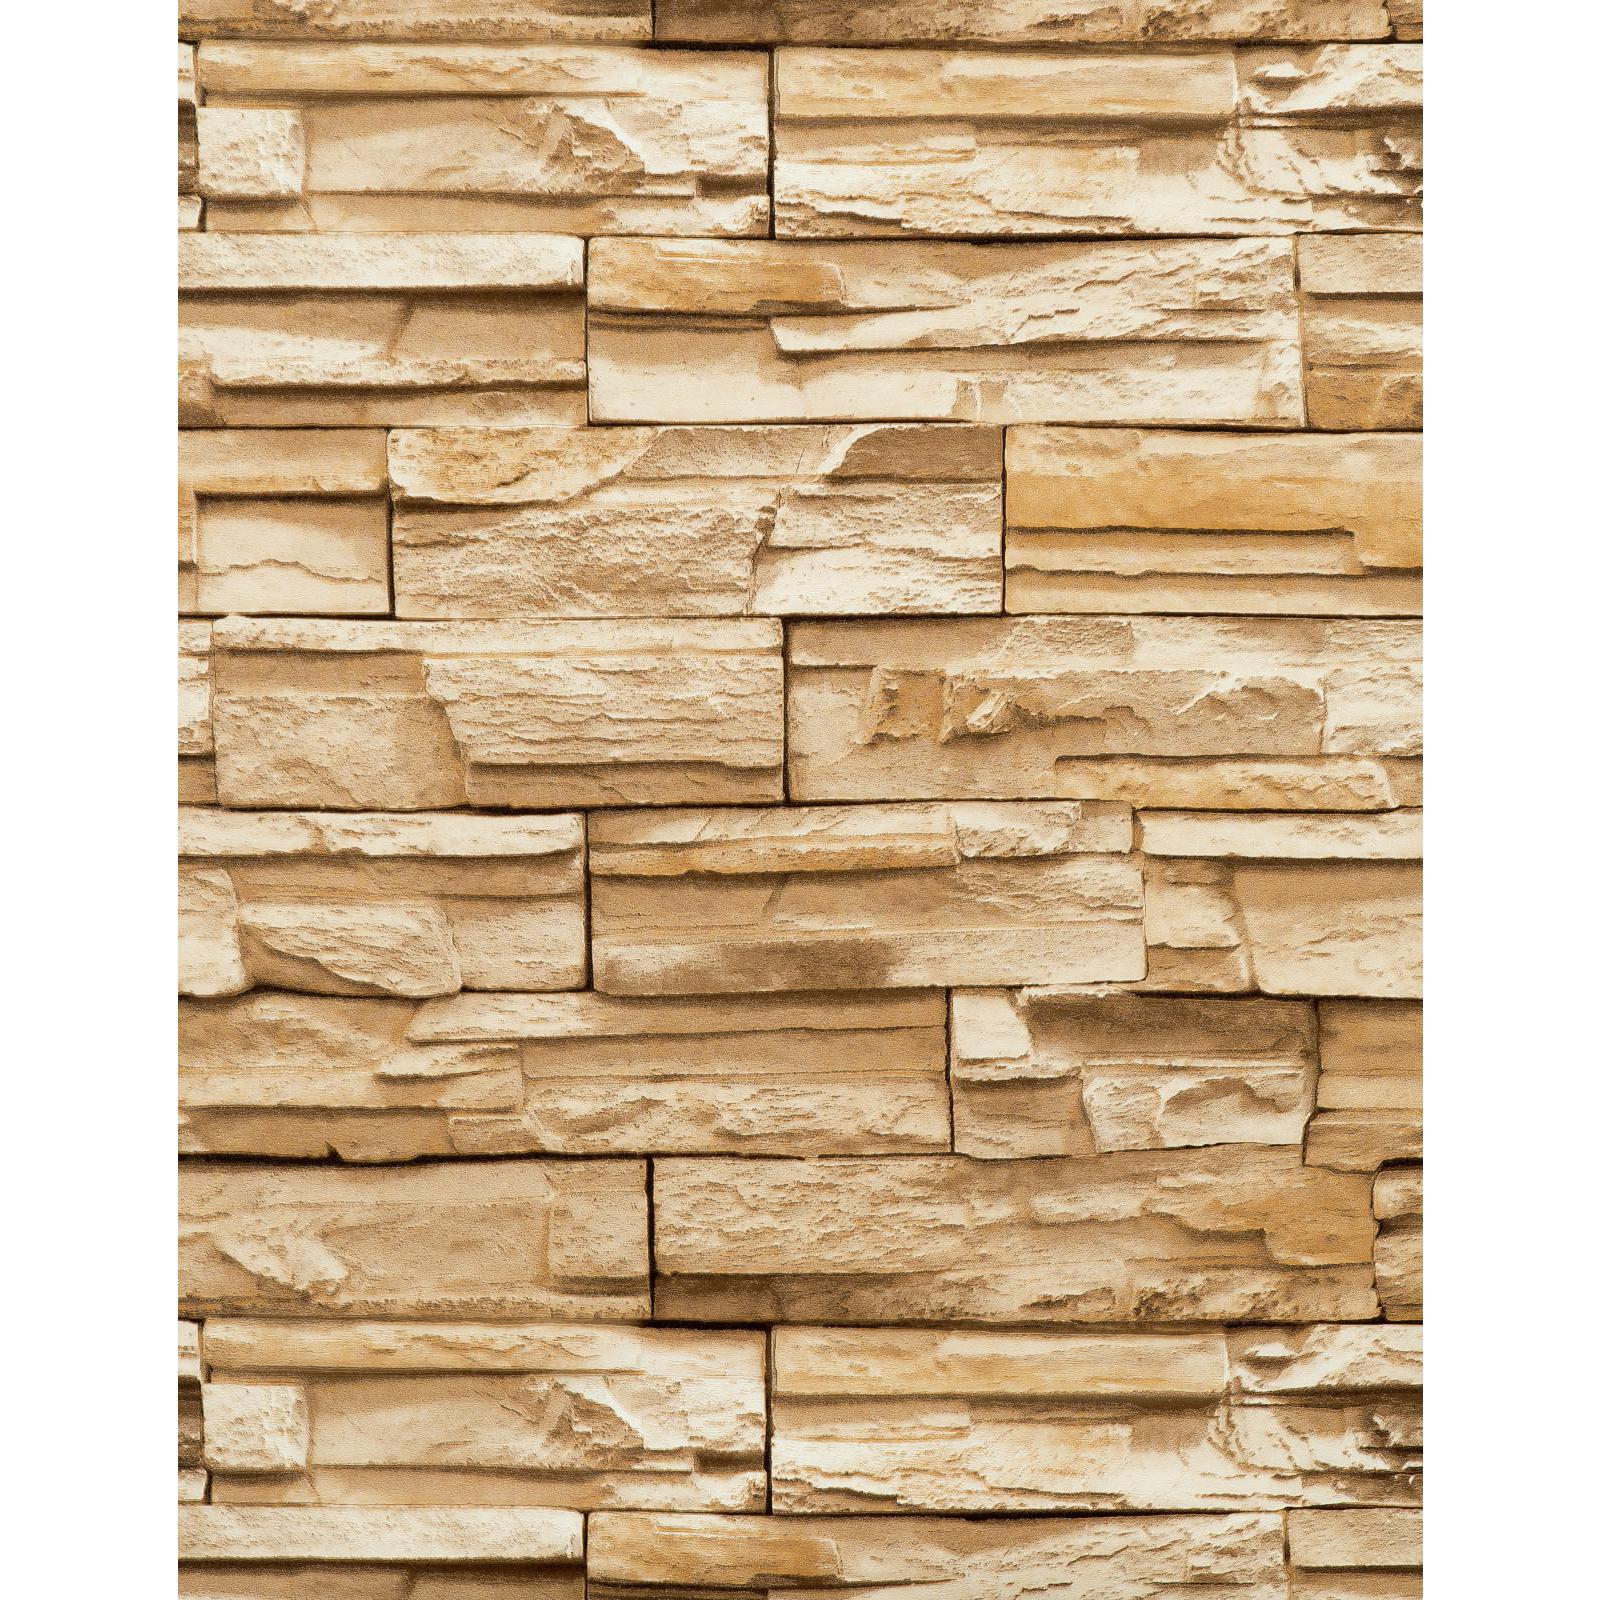 [44+] Rustic Wood Look Wallpaper on WallpaperSafari